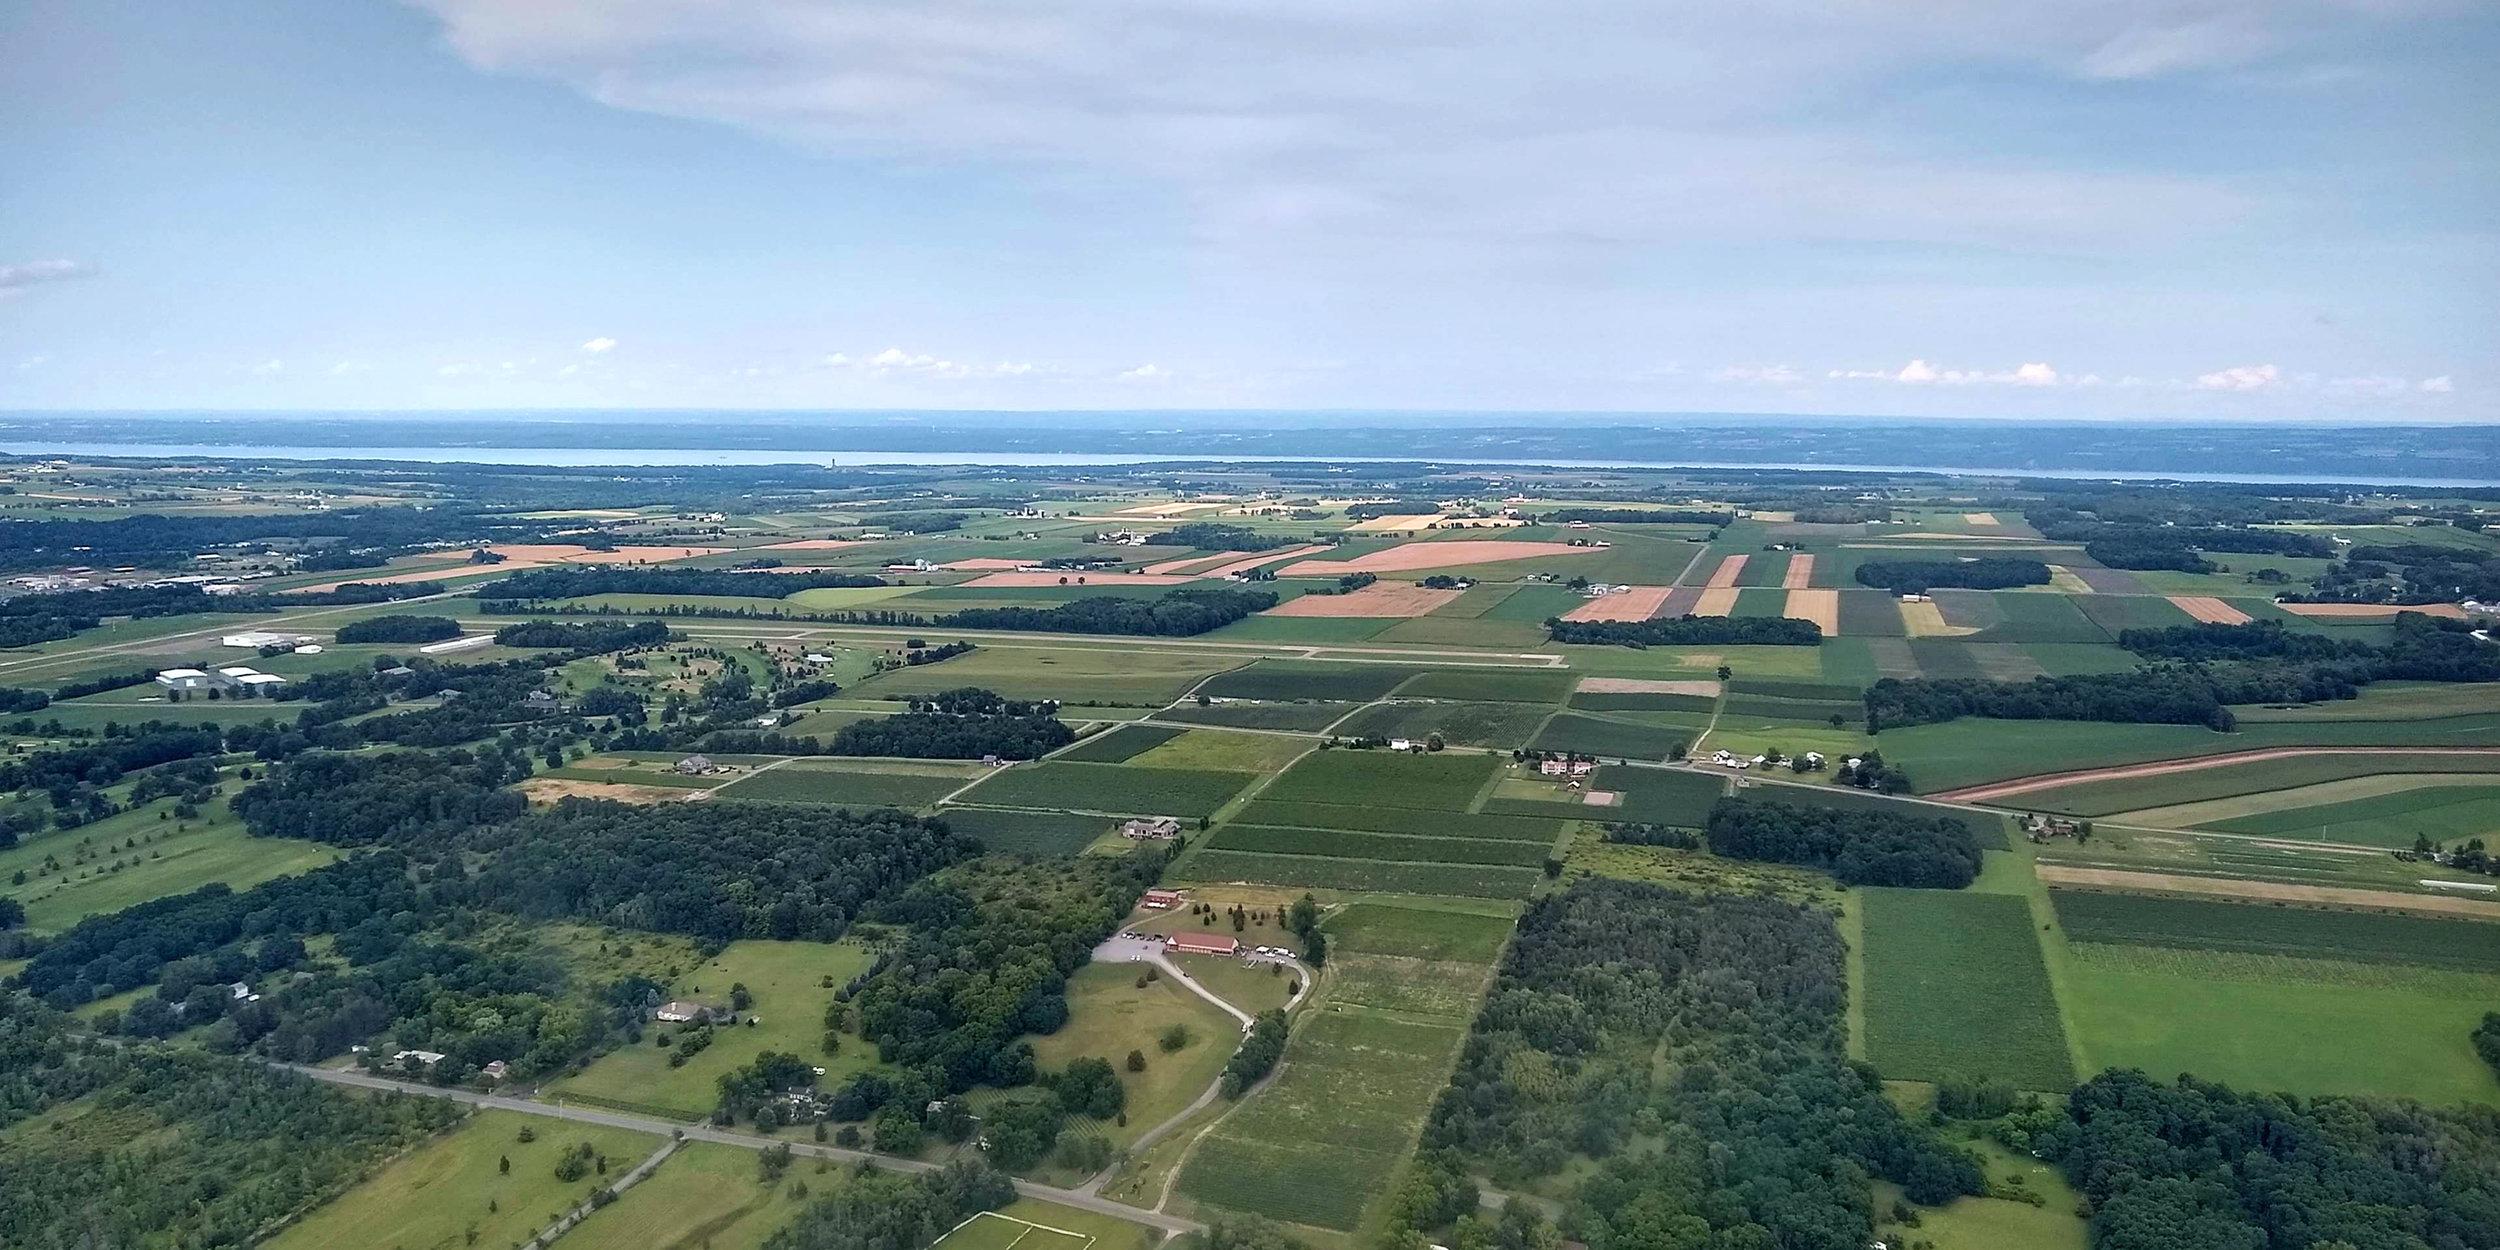 The view toward Seneca Lake from over Penn Yan, NY